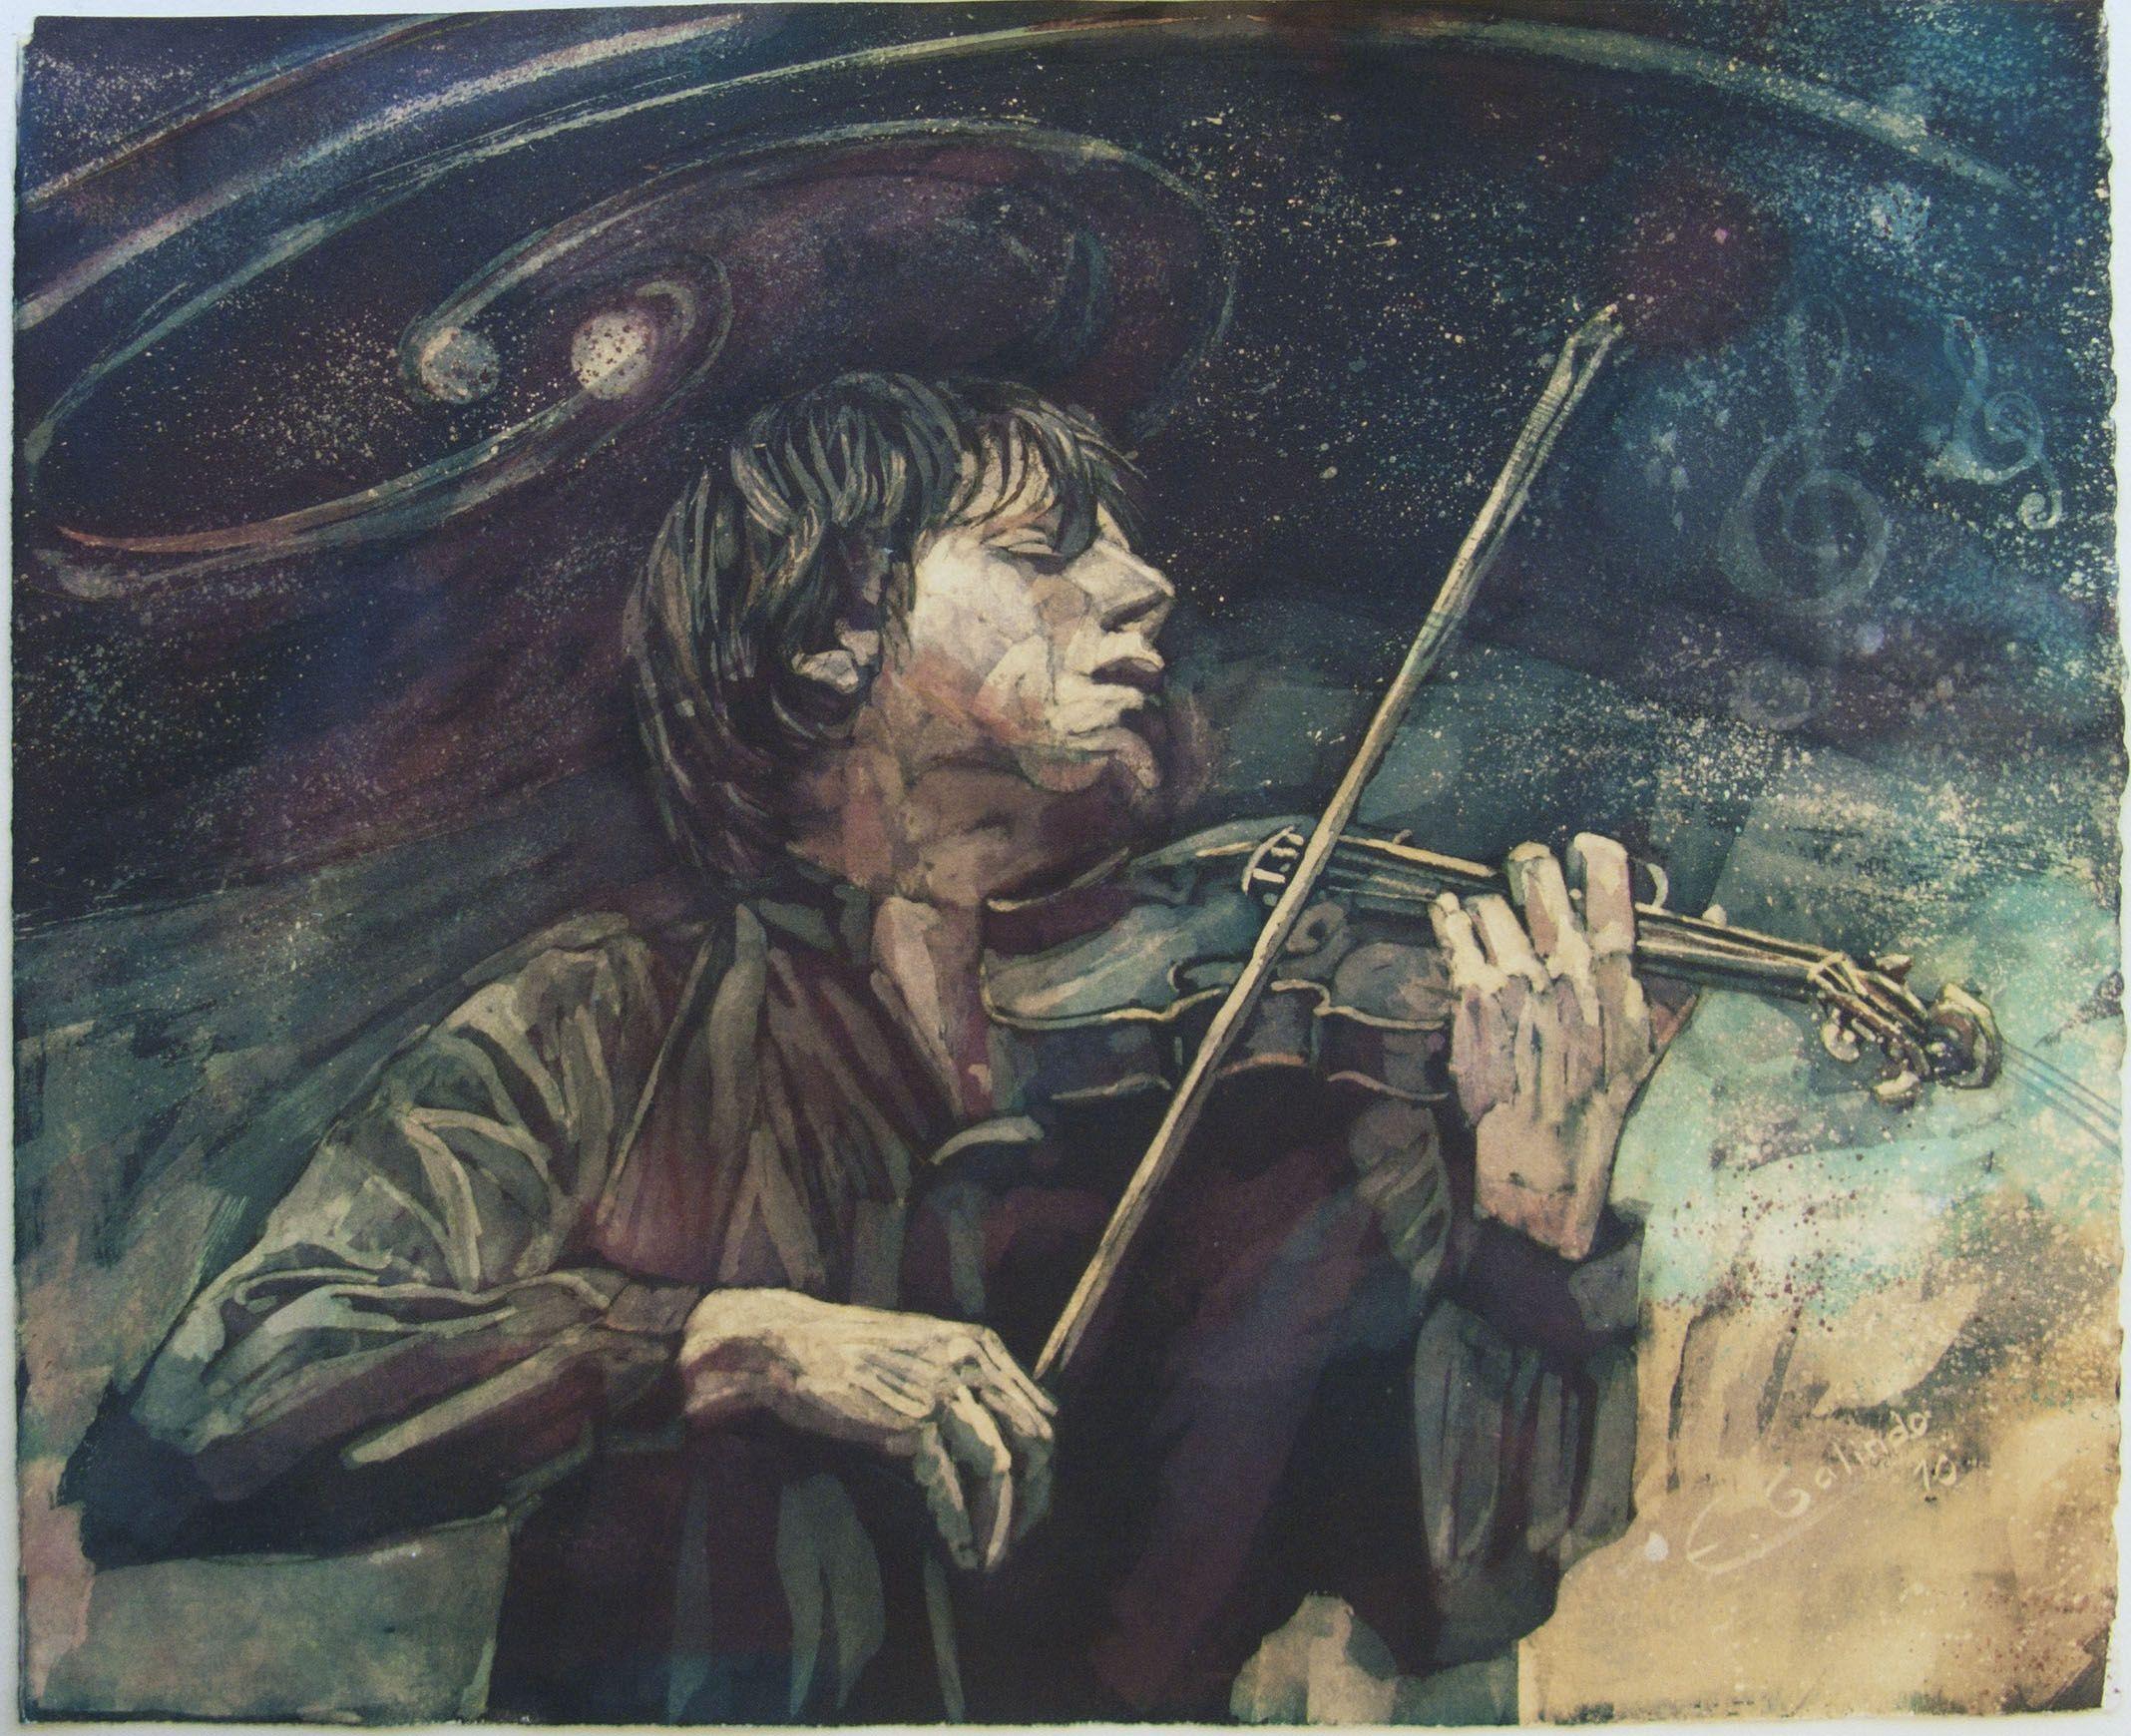 La música esferas II. Contemplar es oir y mirar más allá de la percepción superficial.